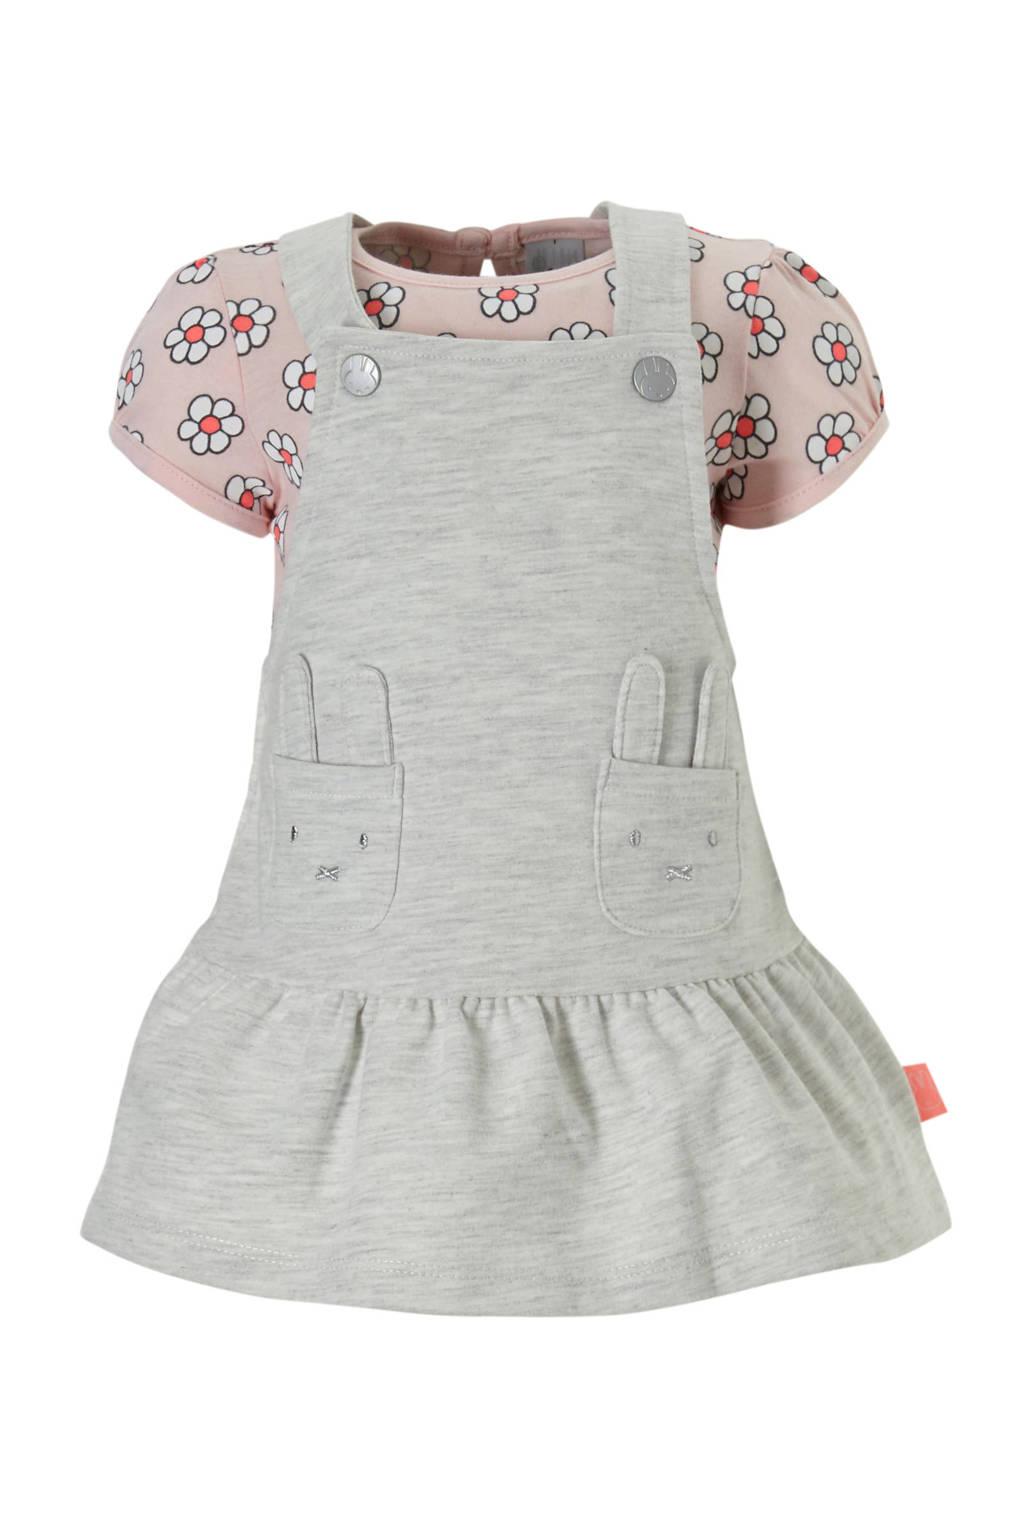 C&A nijntje overgooier + T-shirt, Lichtgrijs/roze